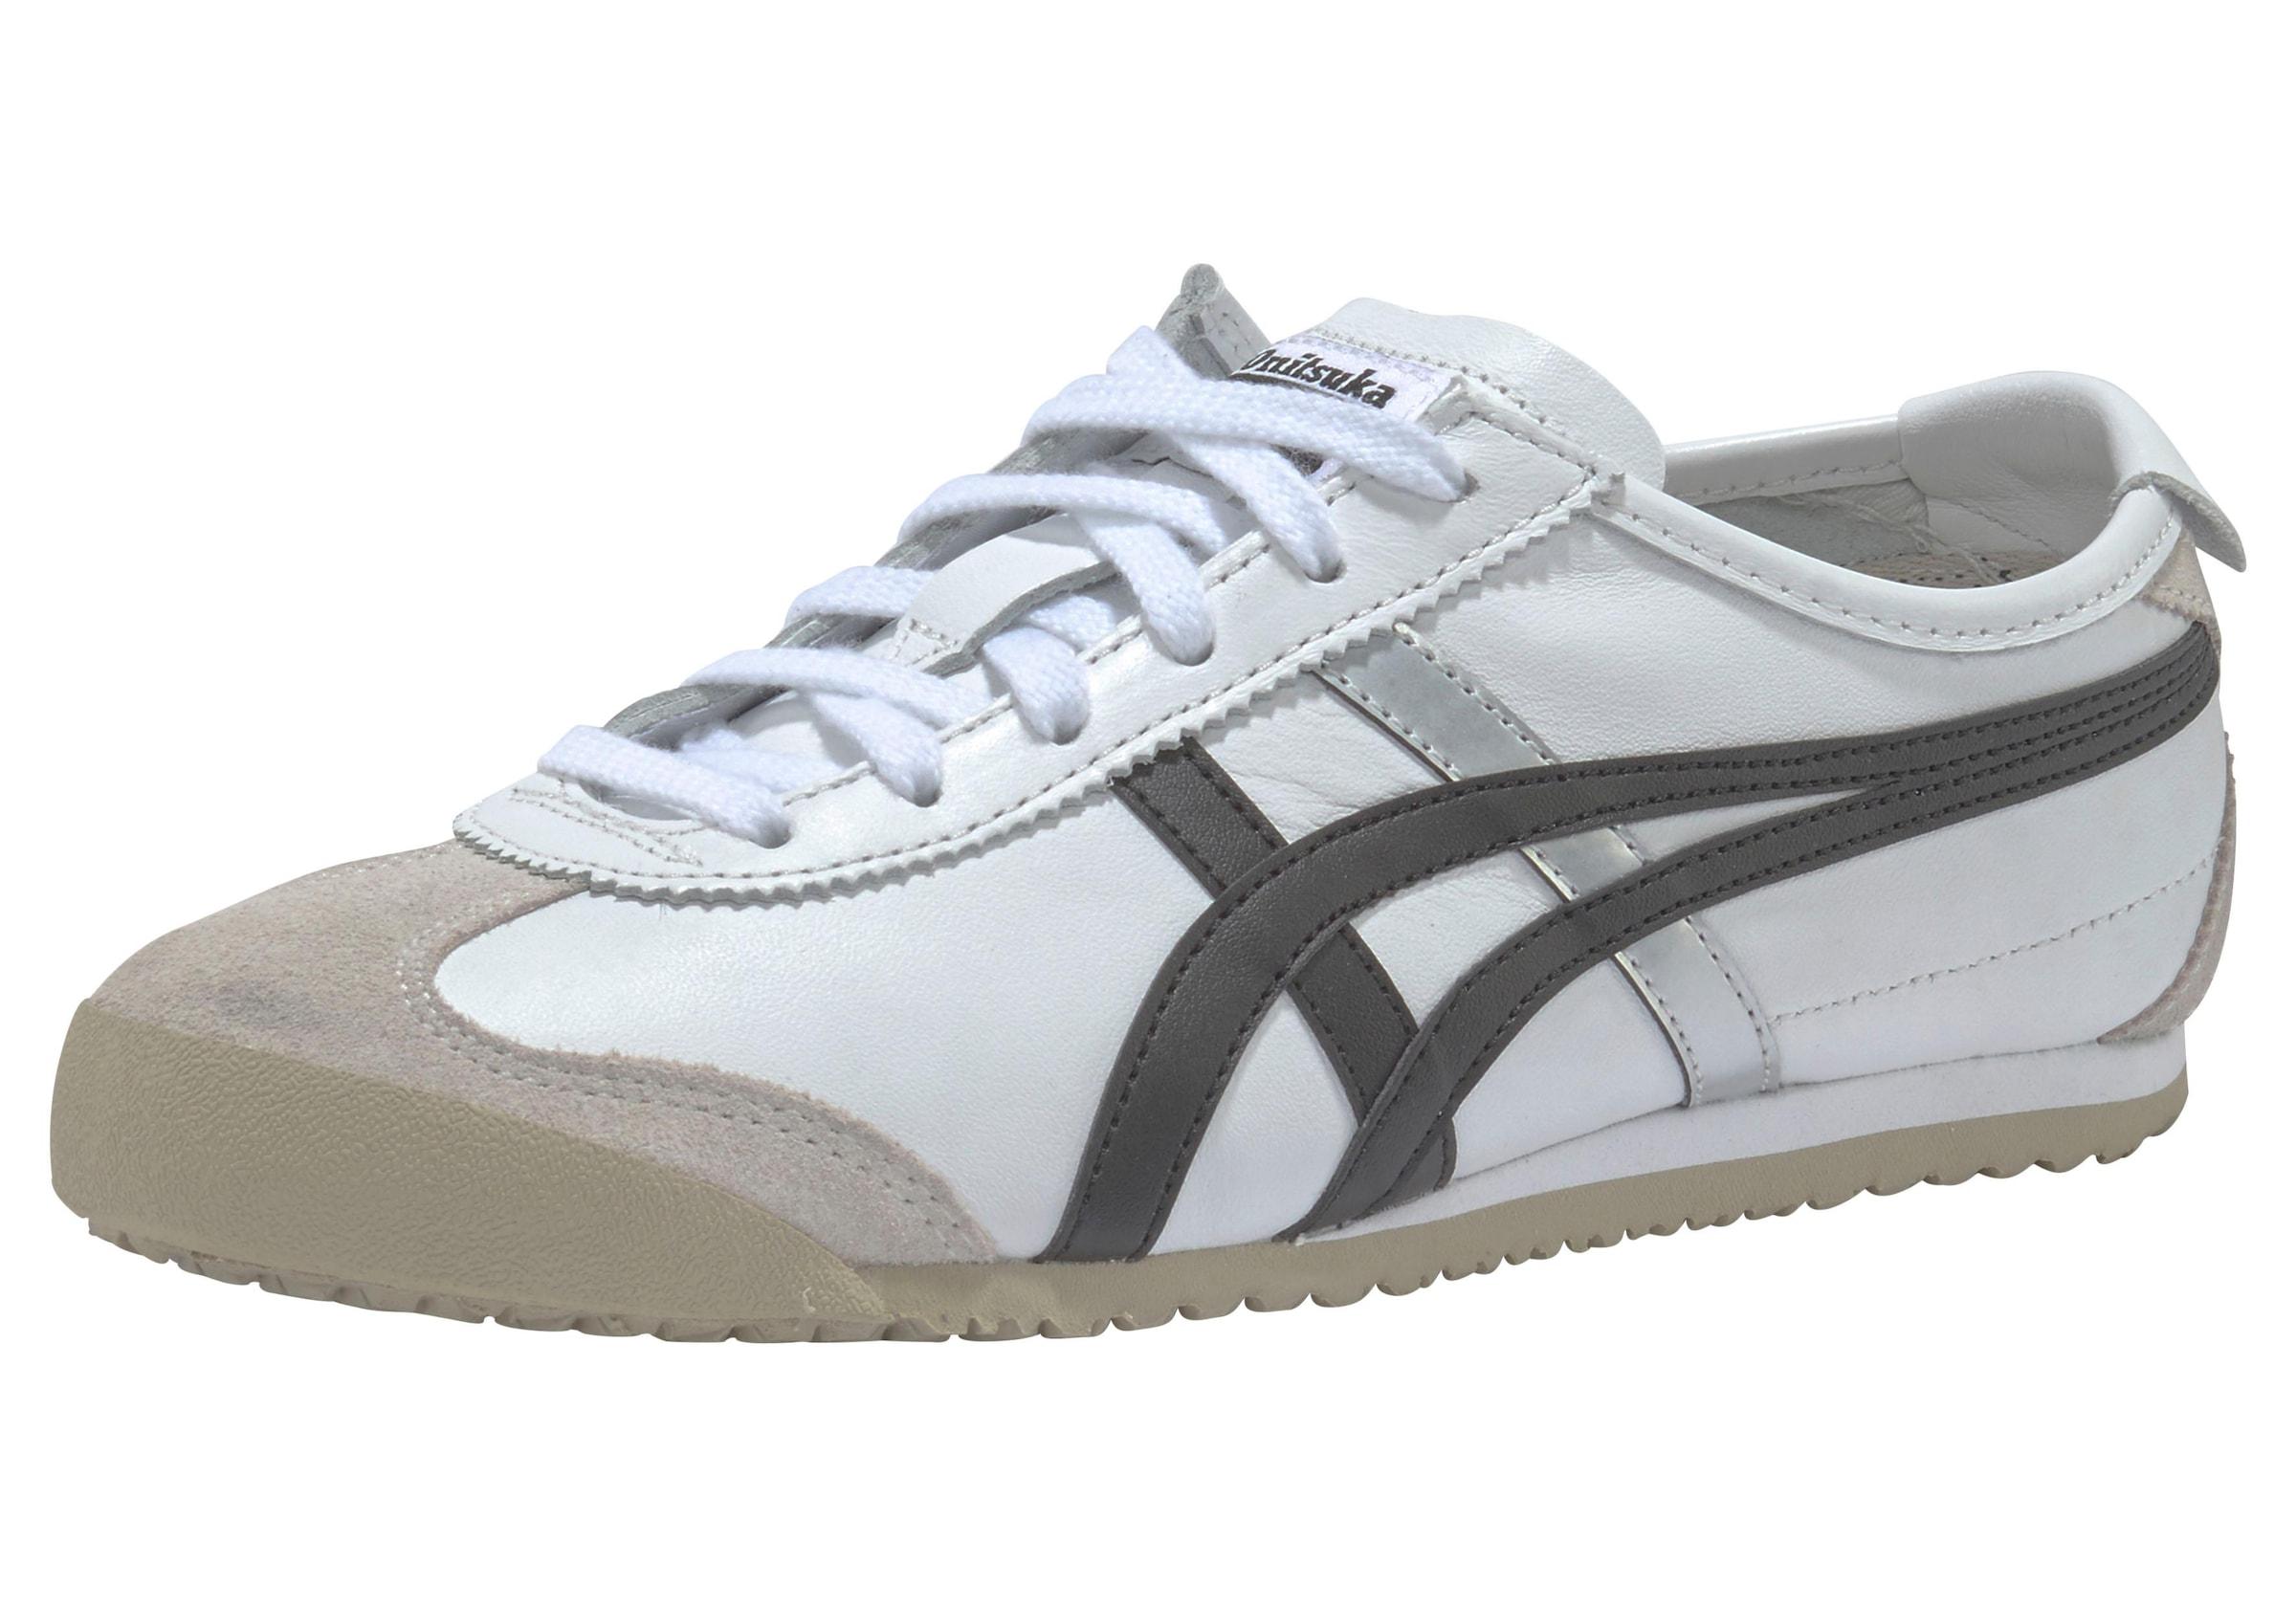 Onitsuka Tiger Sneaker  ;MEXICO für 66 für ;MEXICO Damen bei Gutes Preis-Leistungs-Verhältnis, es lohnt sich 191fc7